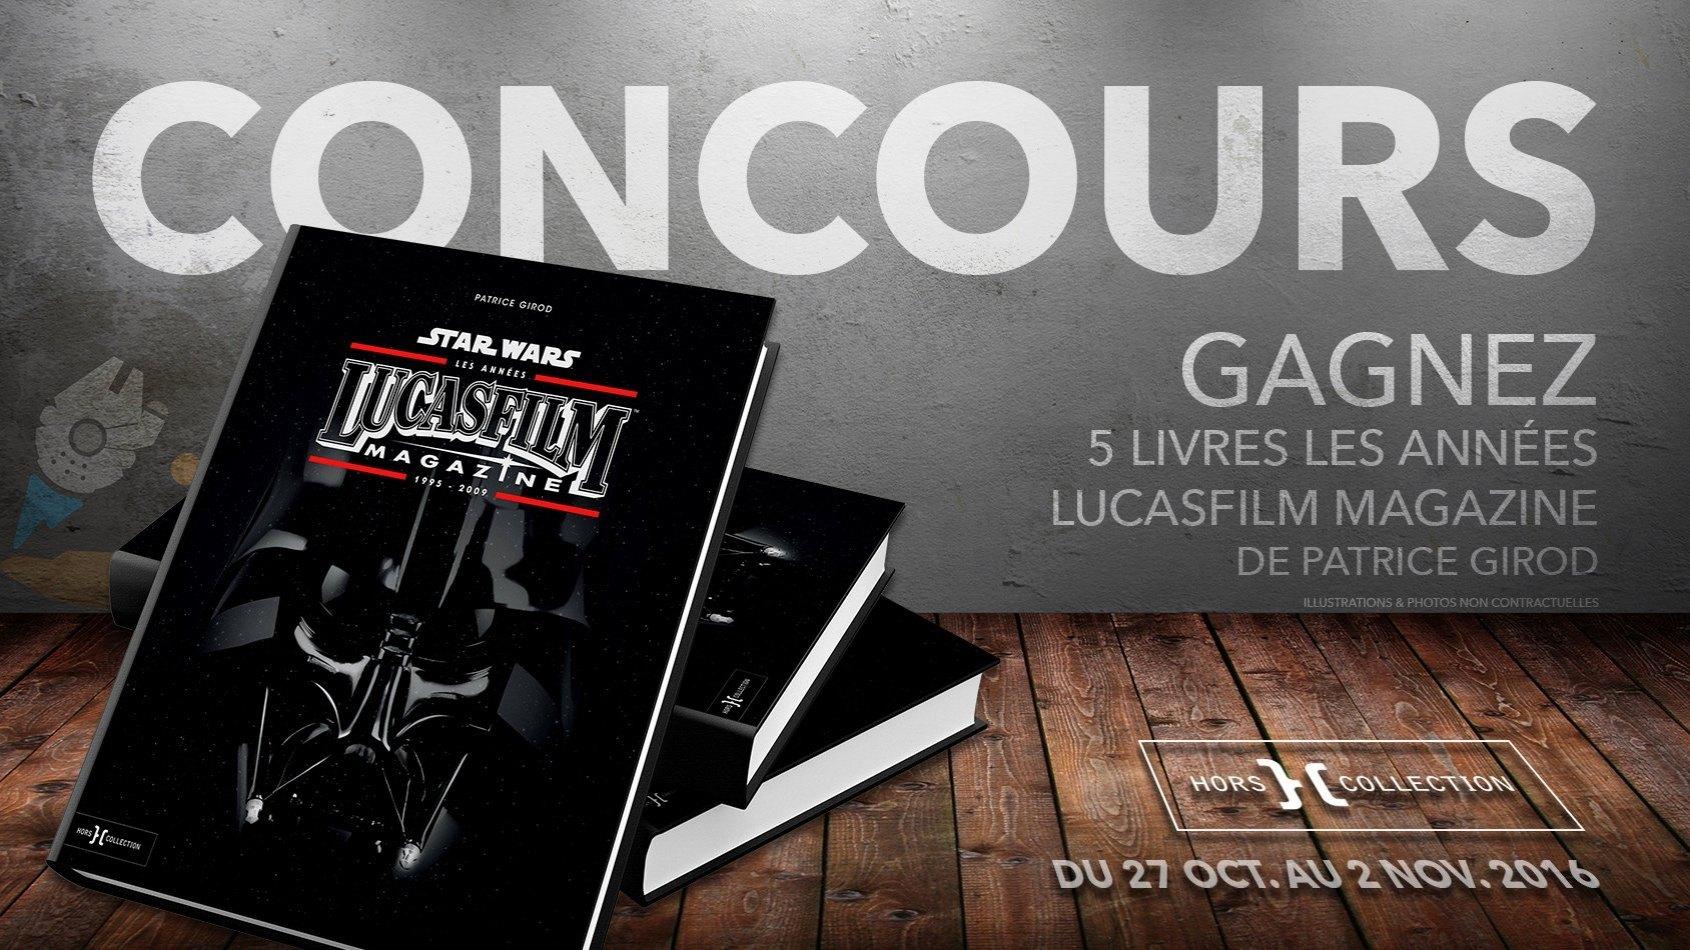 Concours : Gagnez 5 livres Les ann�es Lucasfilm Magazine